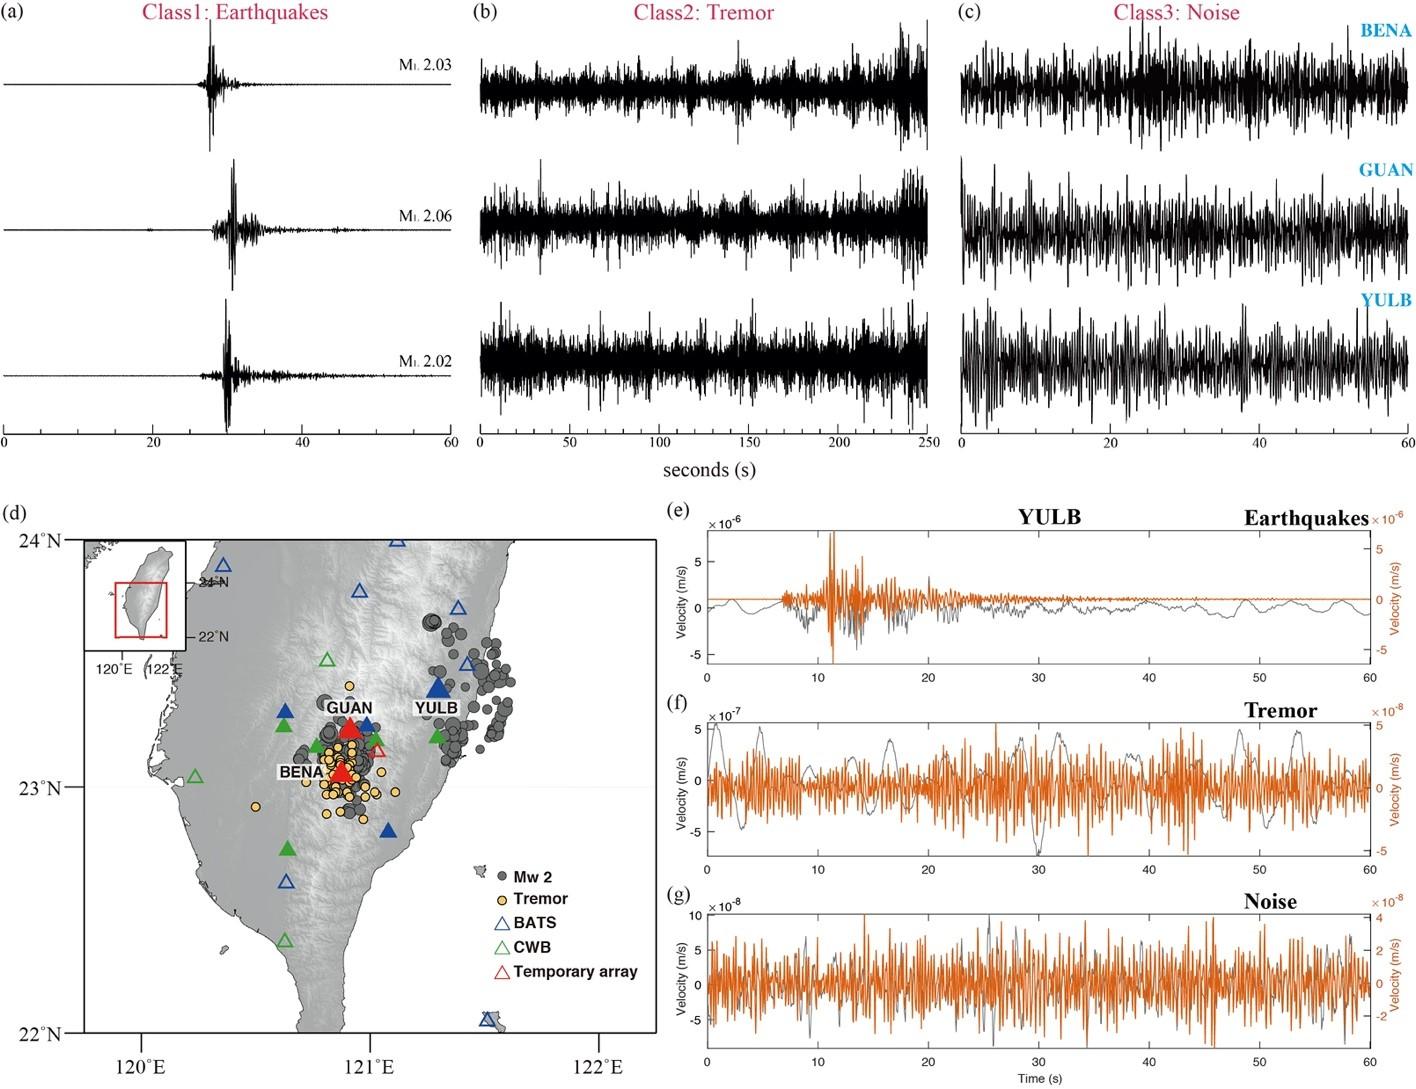 圖一、(a-c)三種類別資料的波形示意圖 (d) 使用的地震(灰色圓圈)和長微震(黃色圓圈)及三個測站之分佈圖。在此三種不同顏色的測站對應三種地震網。